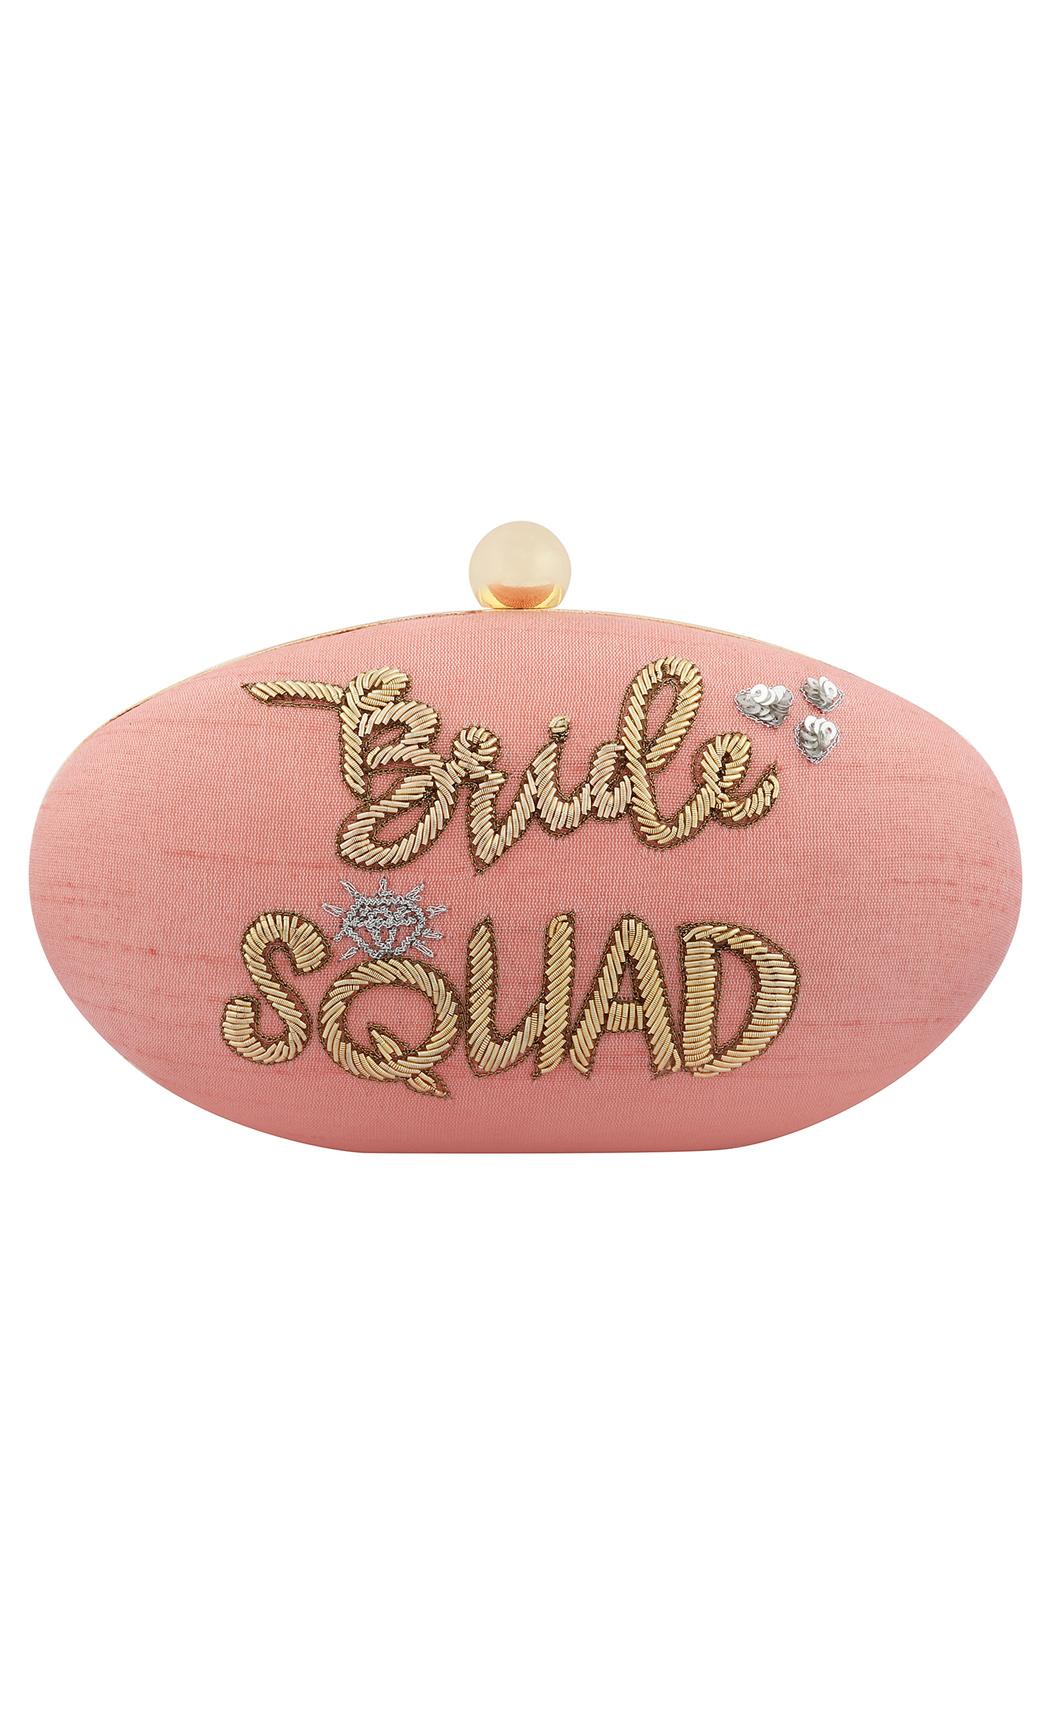 Bride Squad Clutch